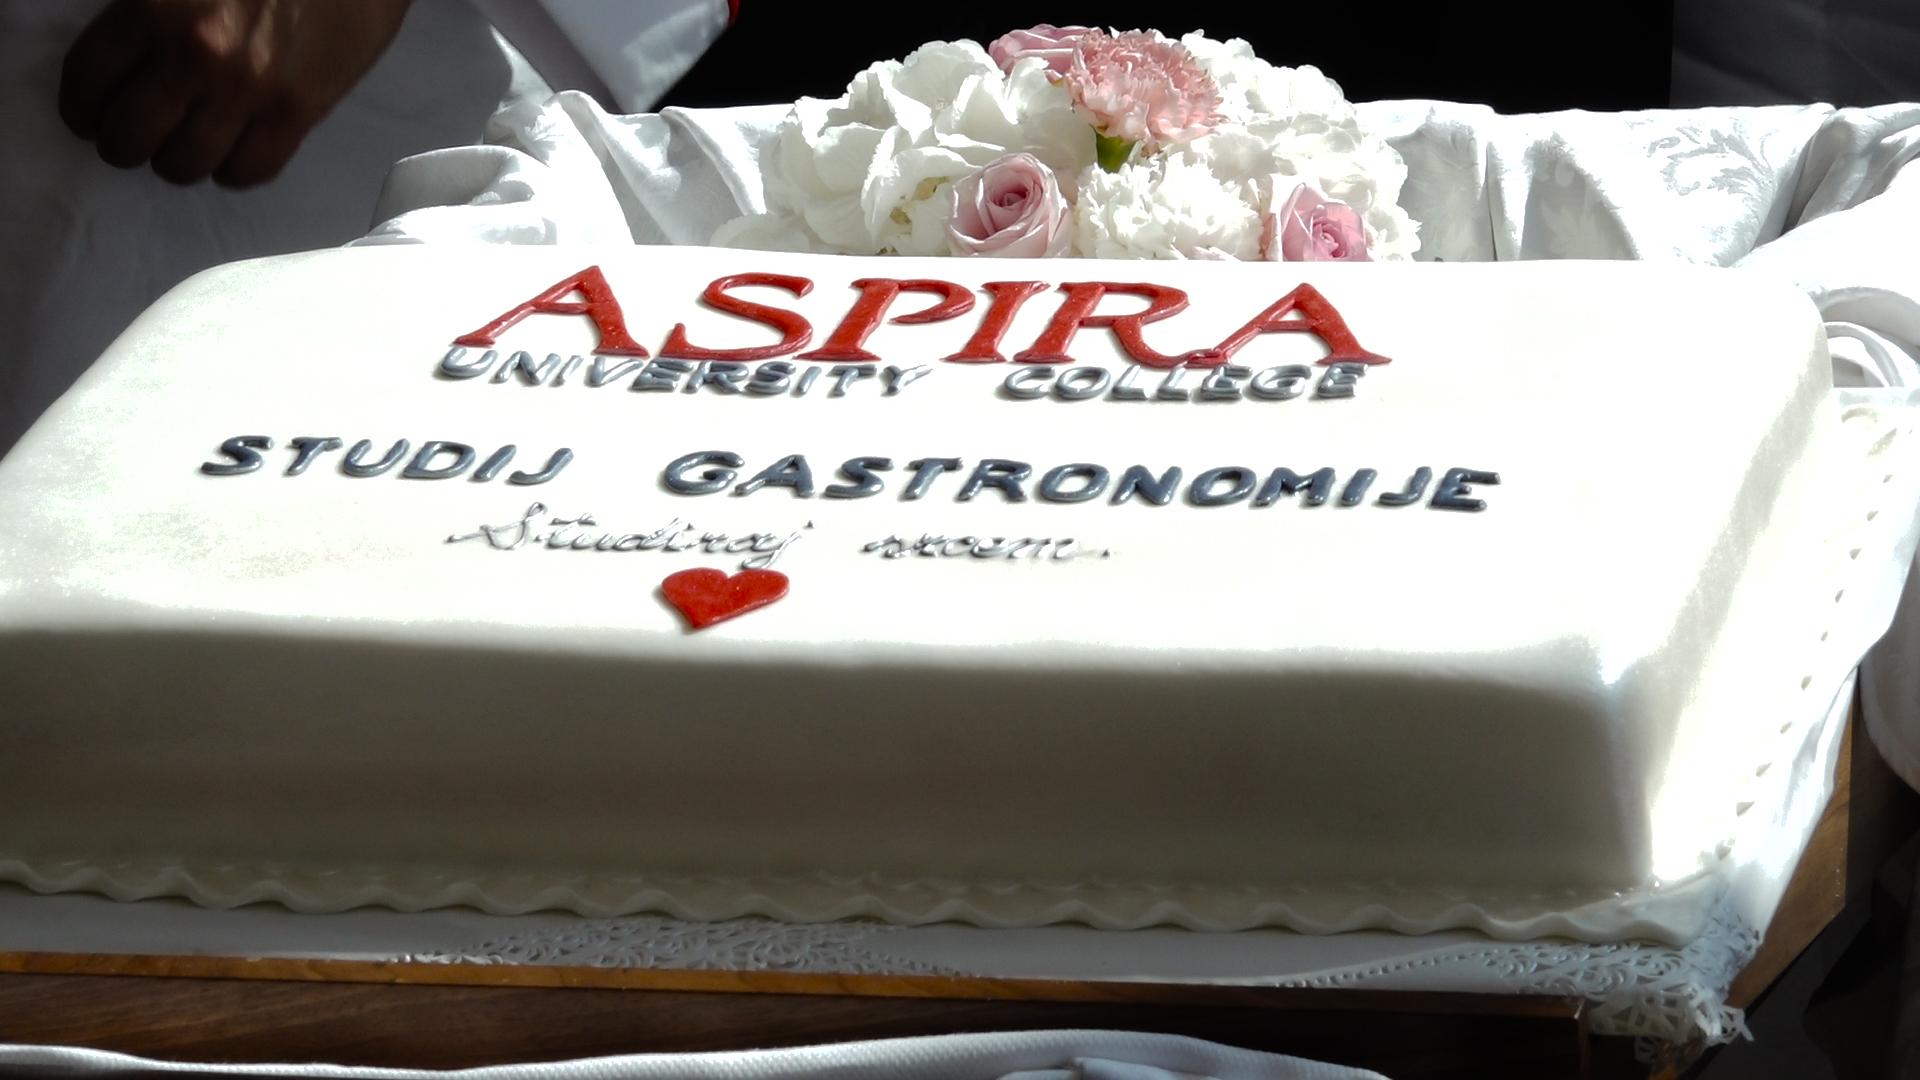 Aspirin prezentacijski show s dvostrukim nositeljem Michelinove zvjezdice u Dioklecijanovim podrumima